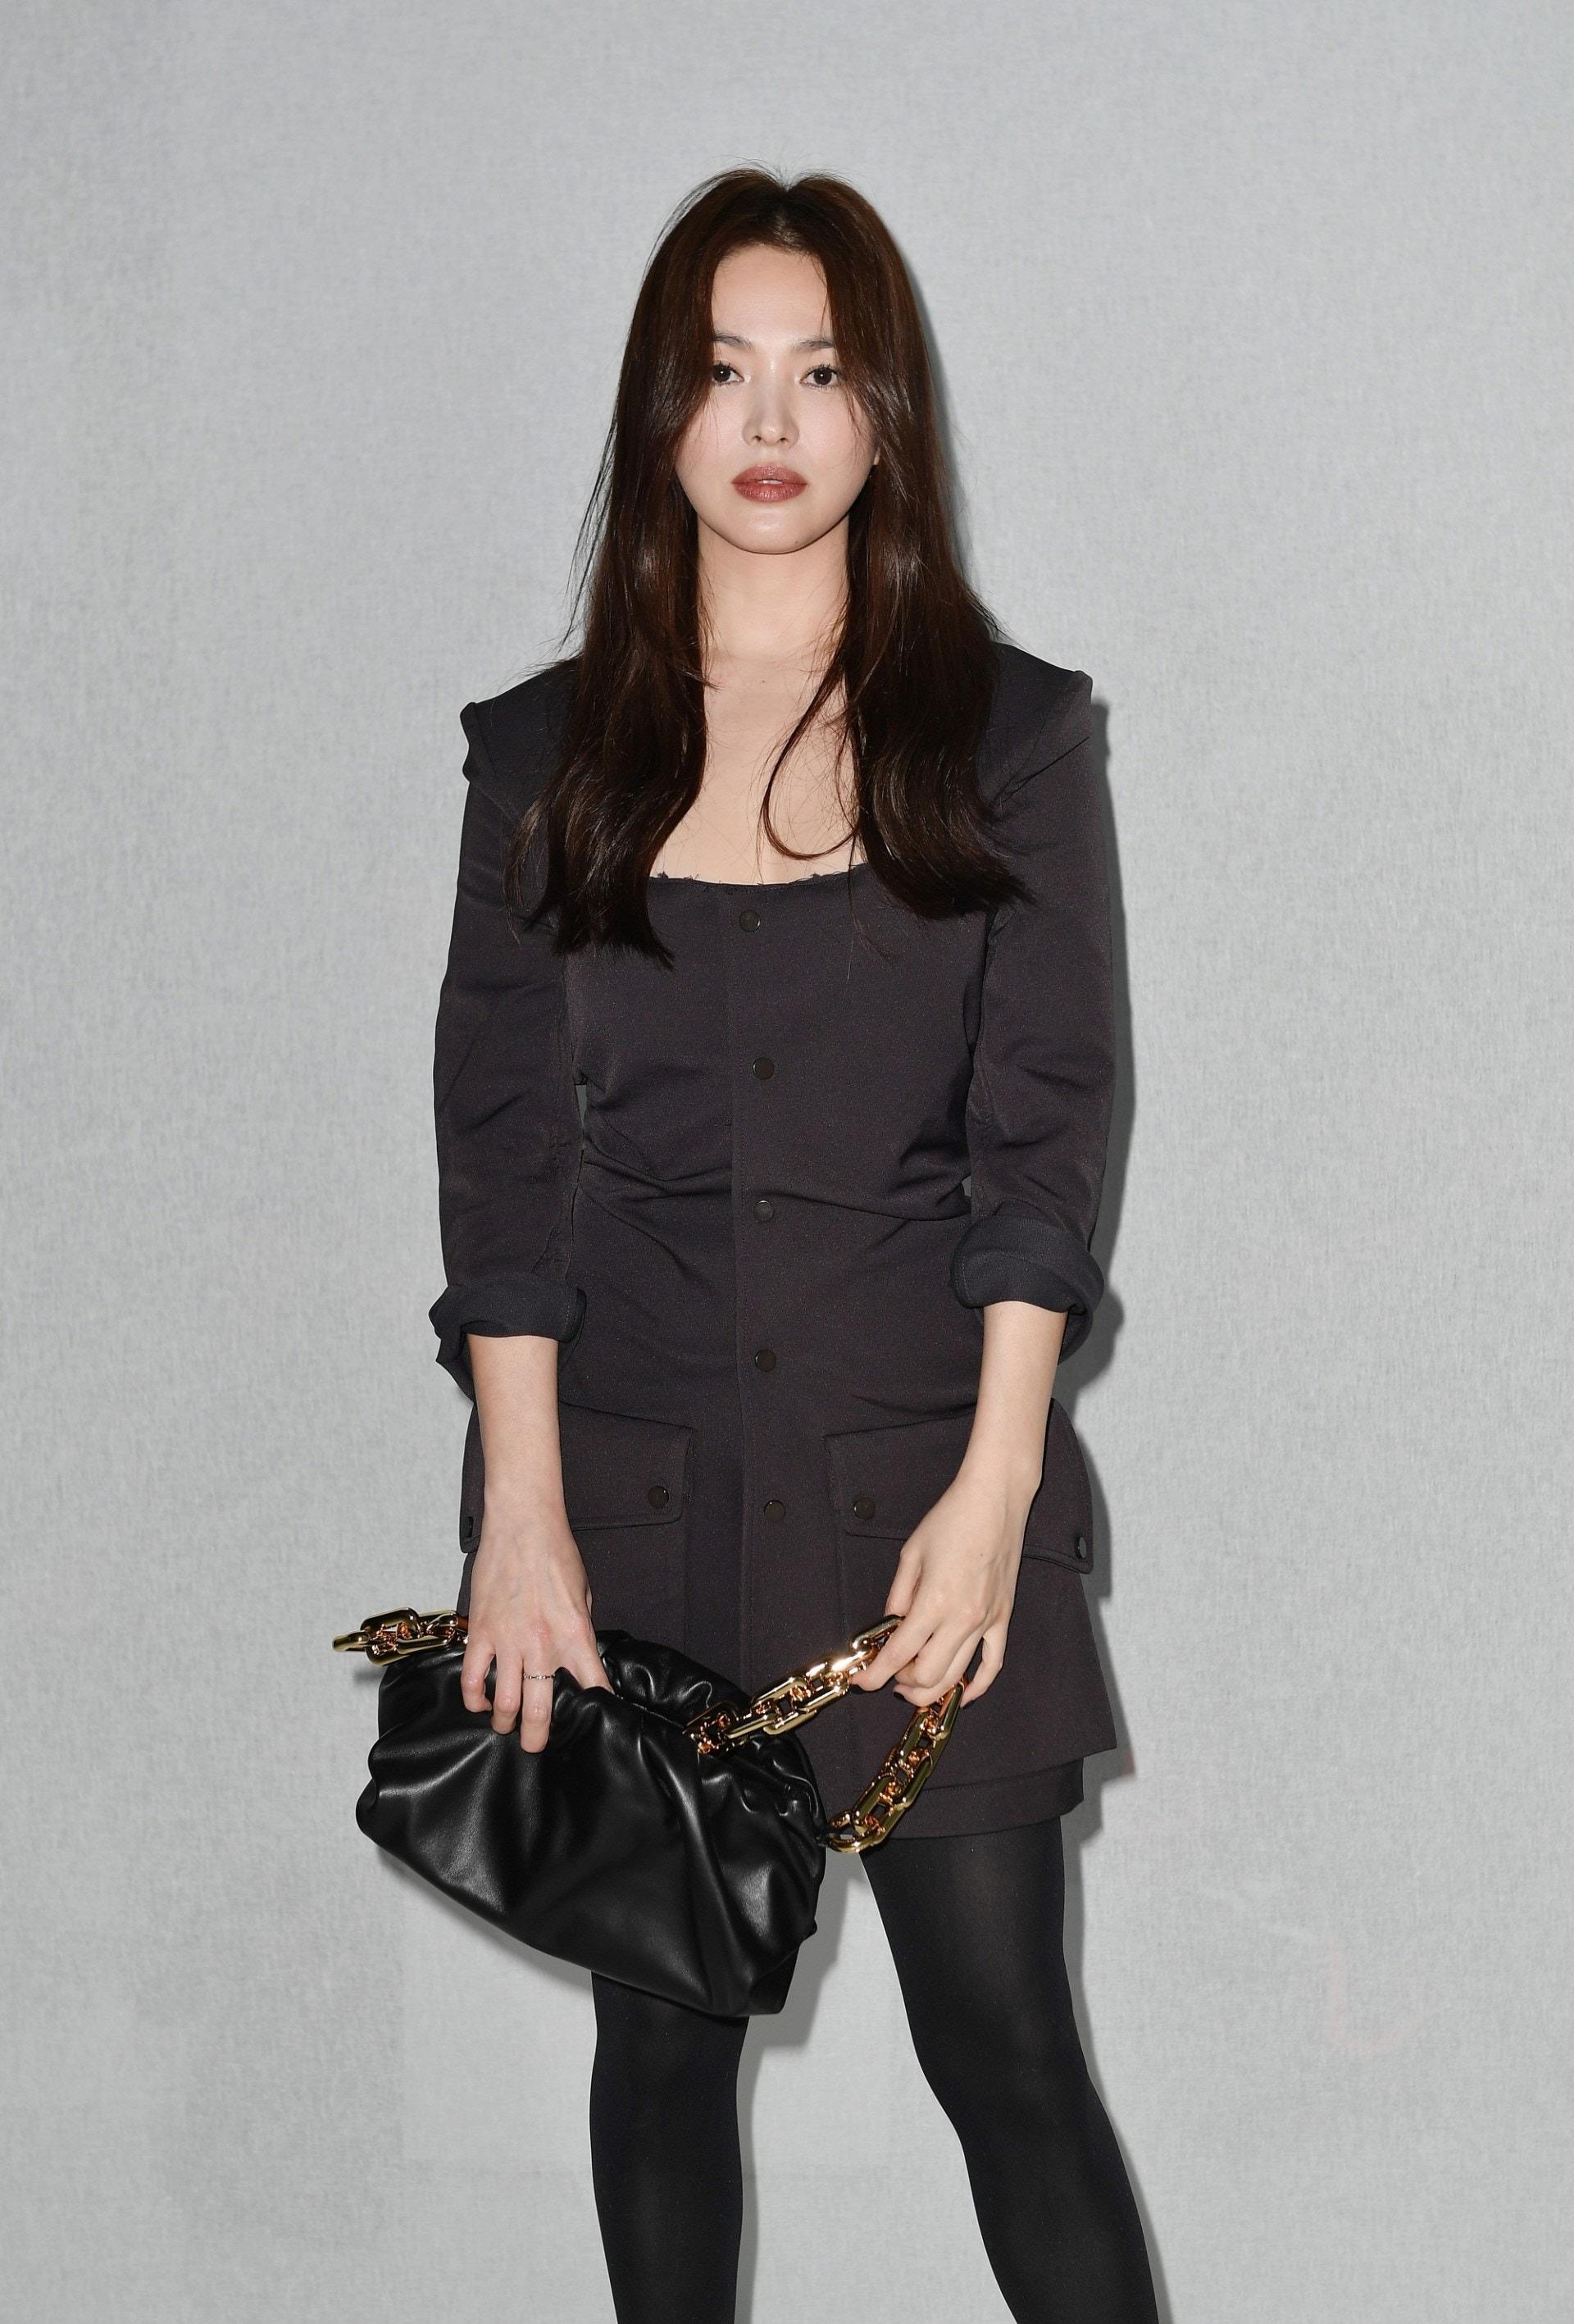 Phối đồ dự tiệc cung bọ cạp - Song Hye Kyo mặc váy Bottega Veneta màu đen